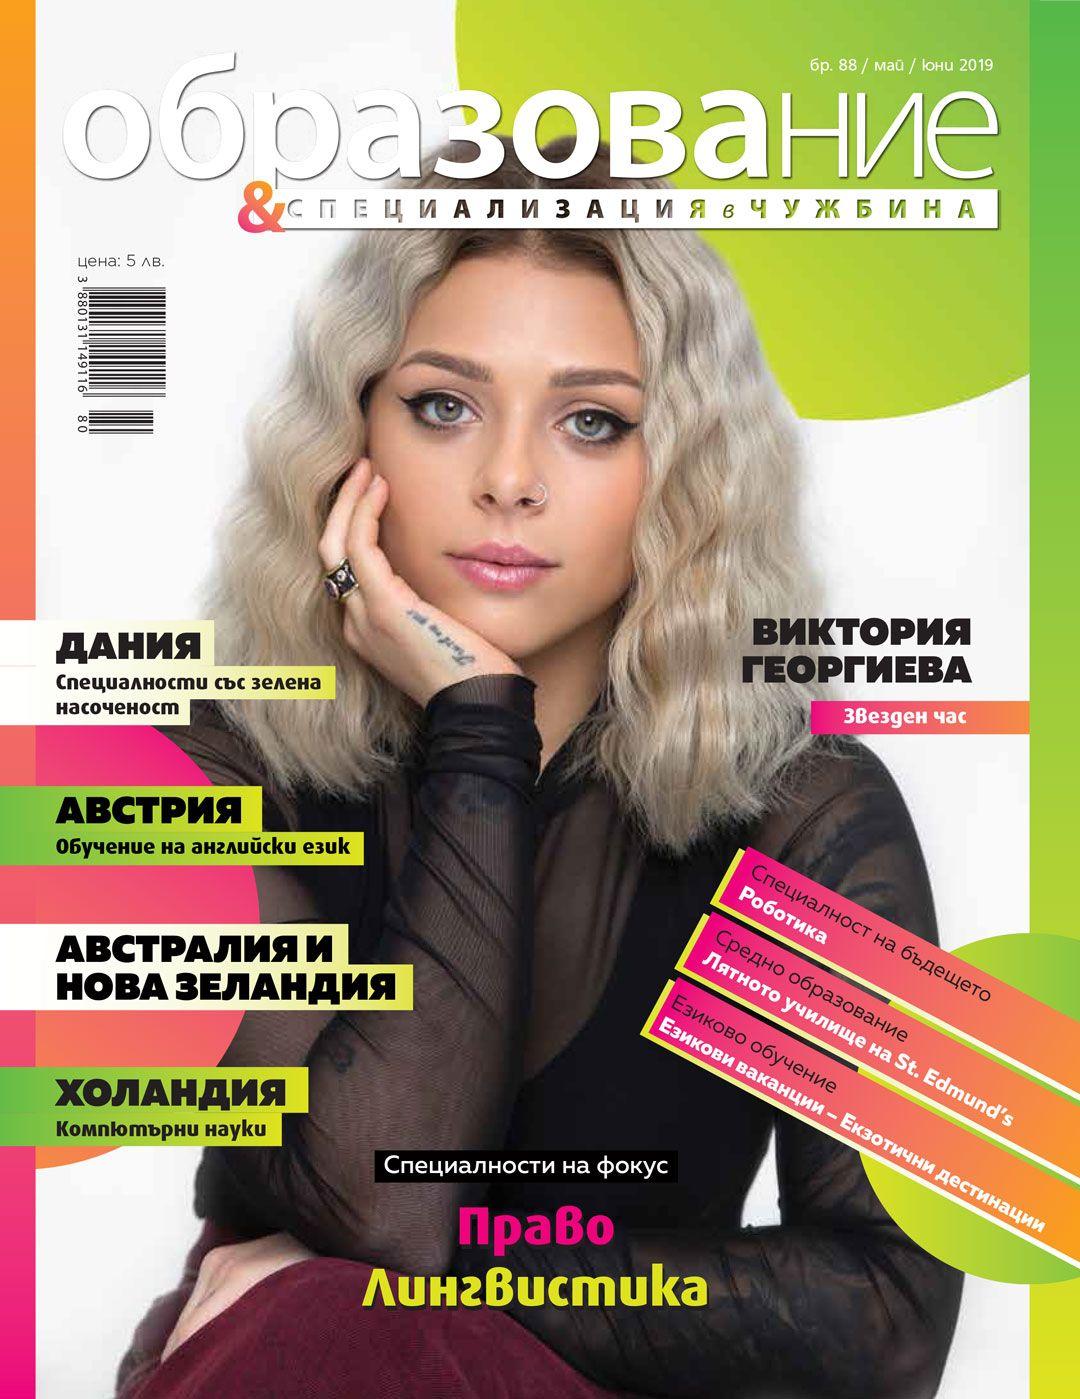 Образование и специализация в чужбина – брой 88 (май/юни 2019) - 1